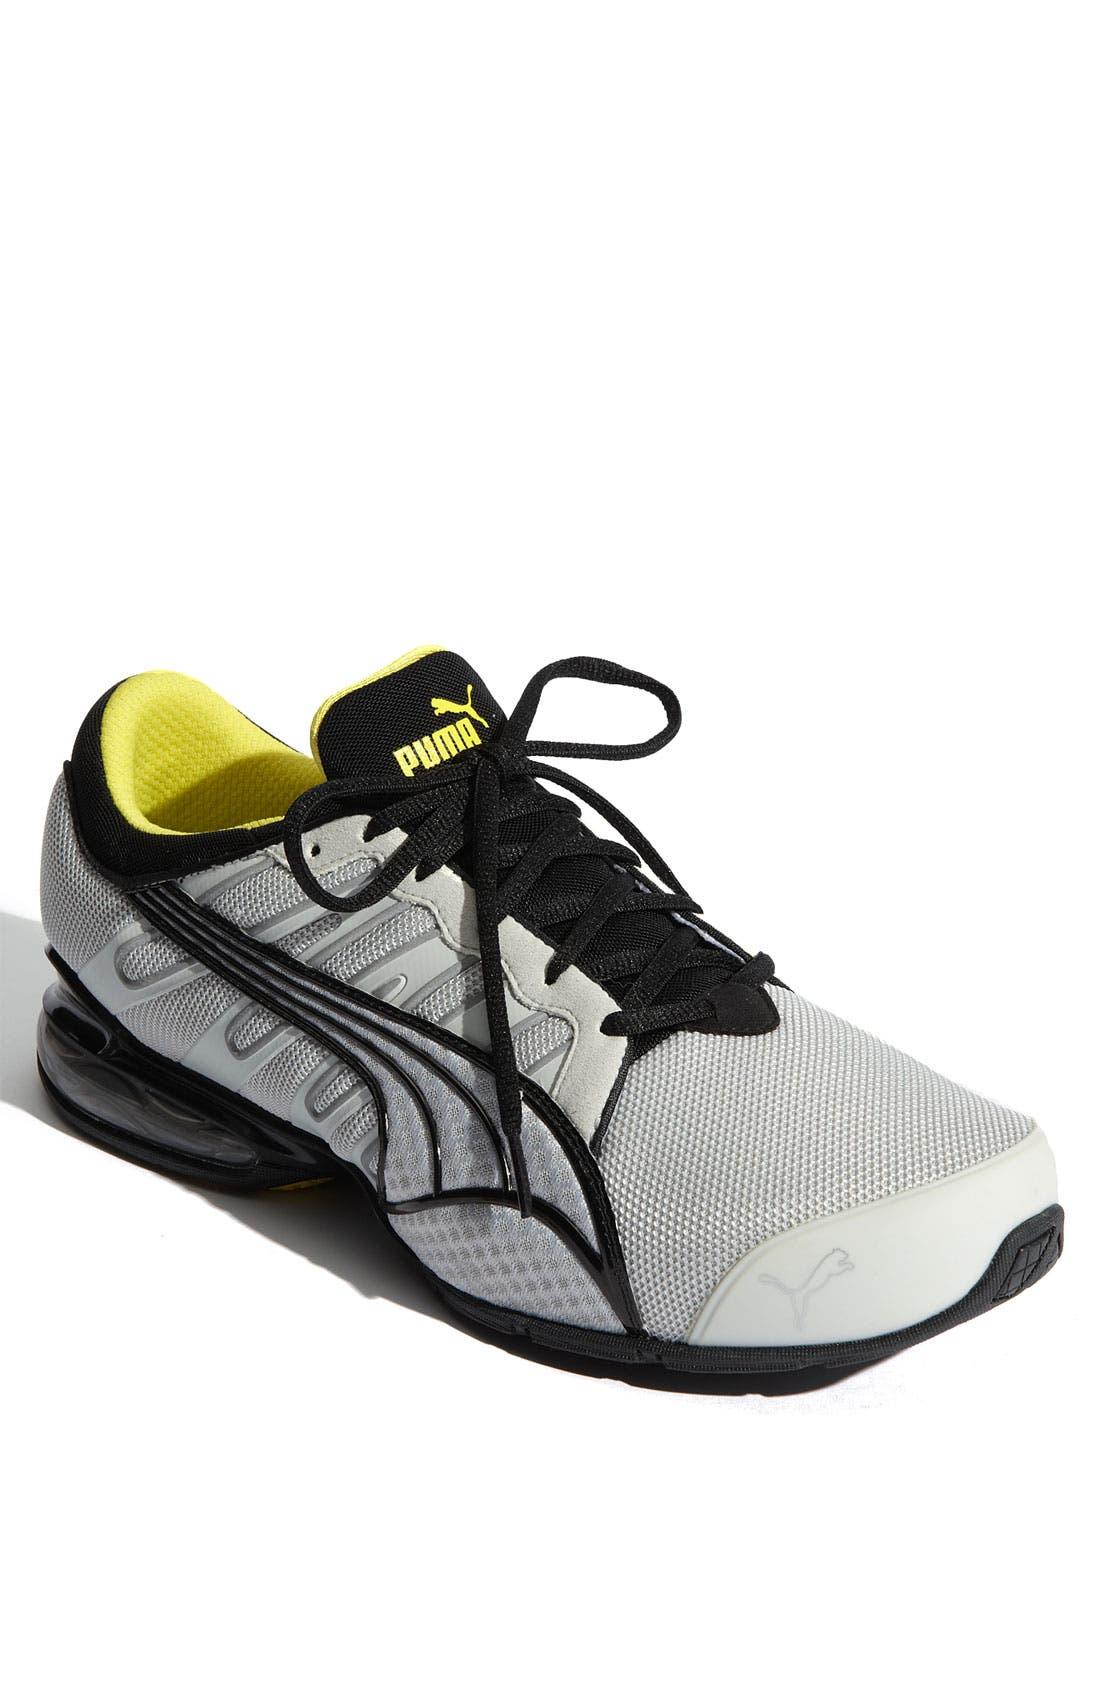 Main Image - PUMA 'Voltaic 3' Sneaker (Men)